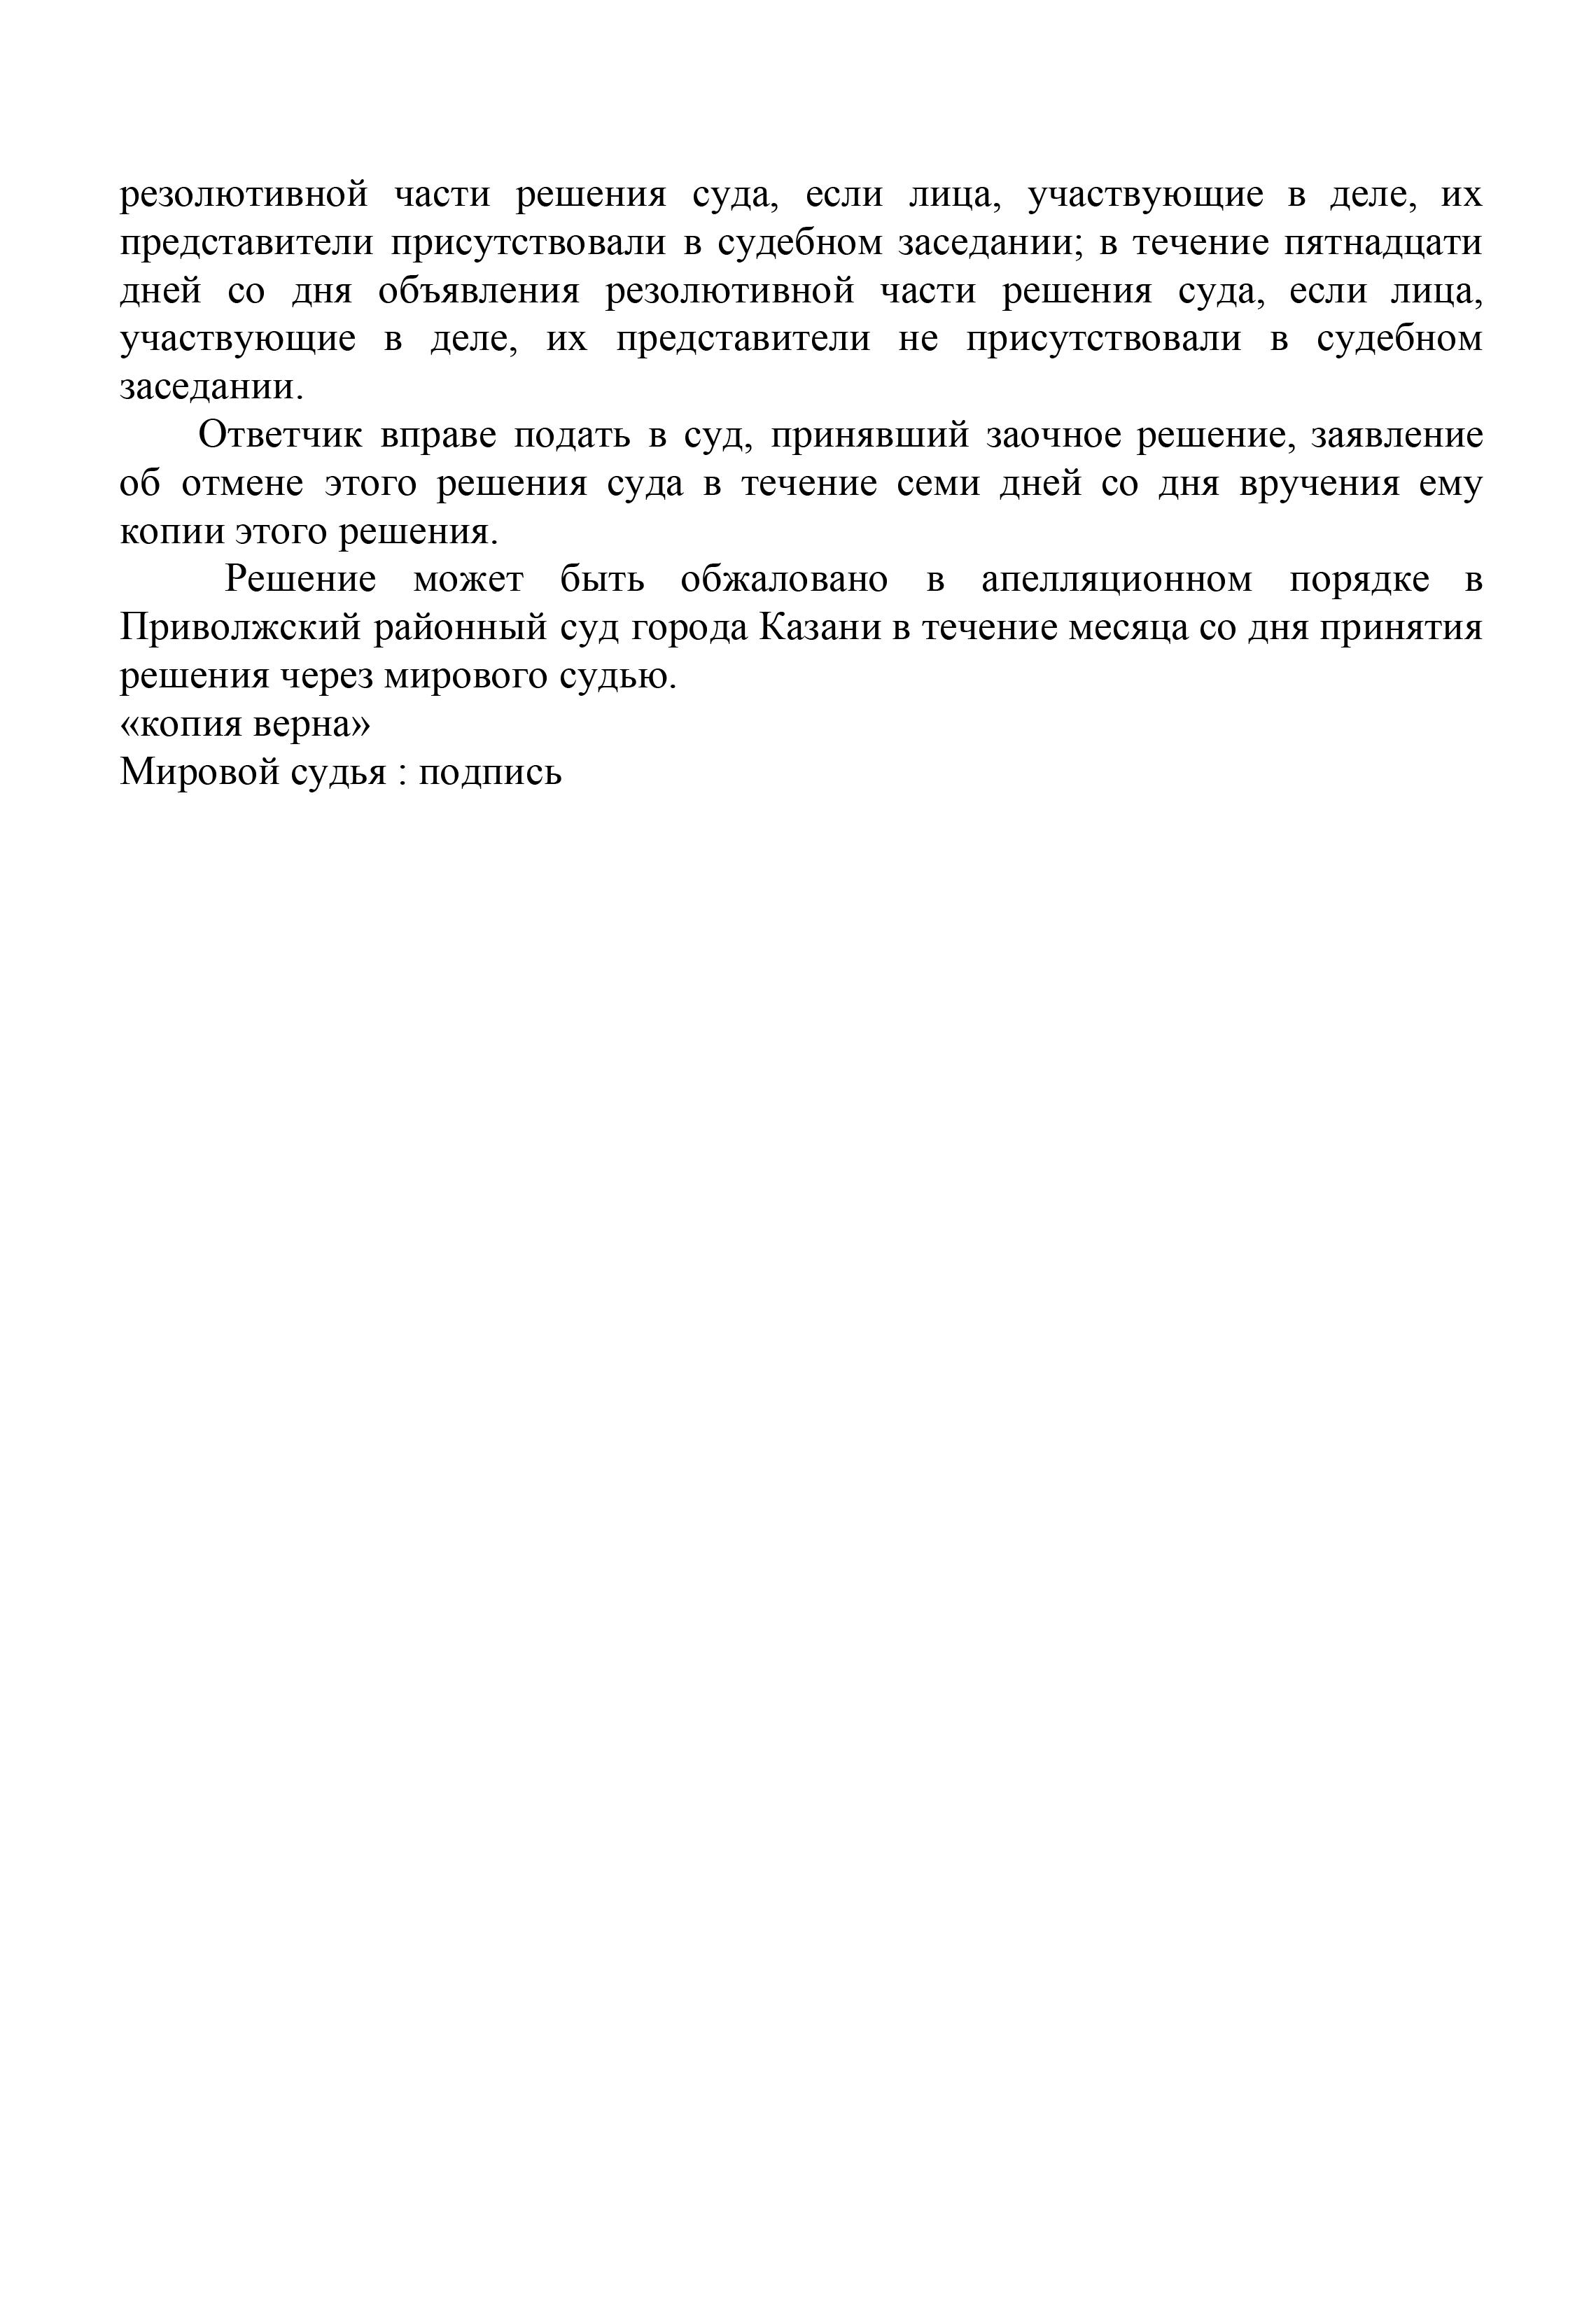 Заочное решение суда: вместо 20&nbsp;000&nbsp;<span class=ruble>Р</span> компенсации морального вреда суд присудил мне только 1000&nbsp;<span class=ruble>Р</span>